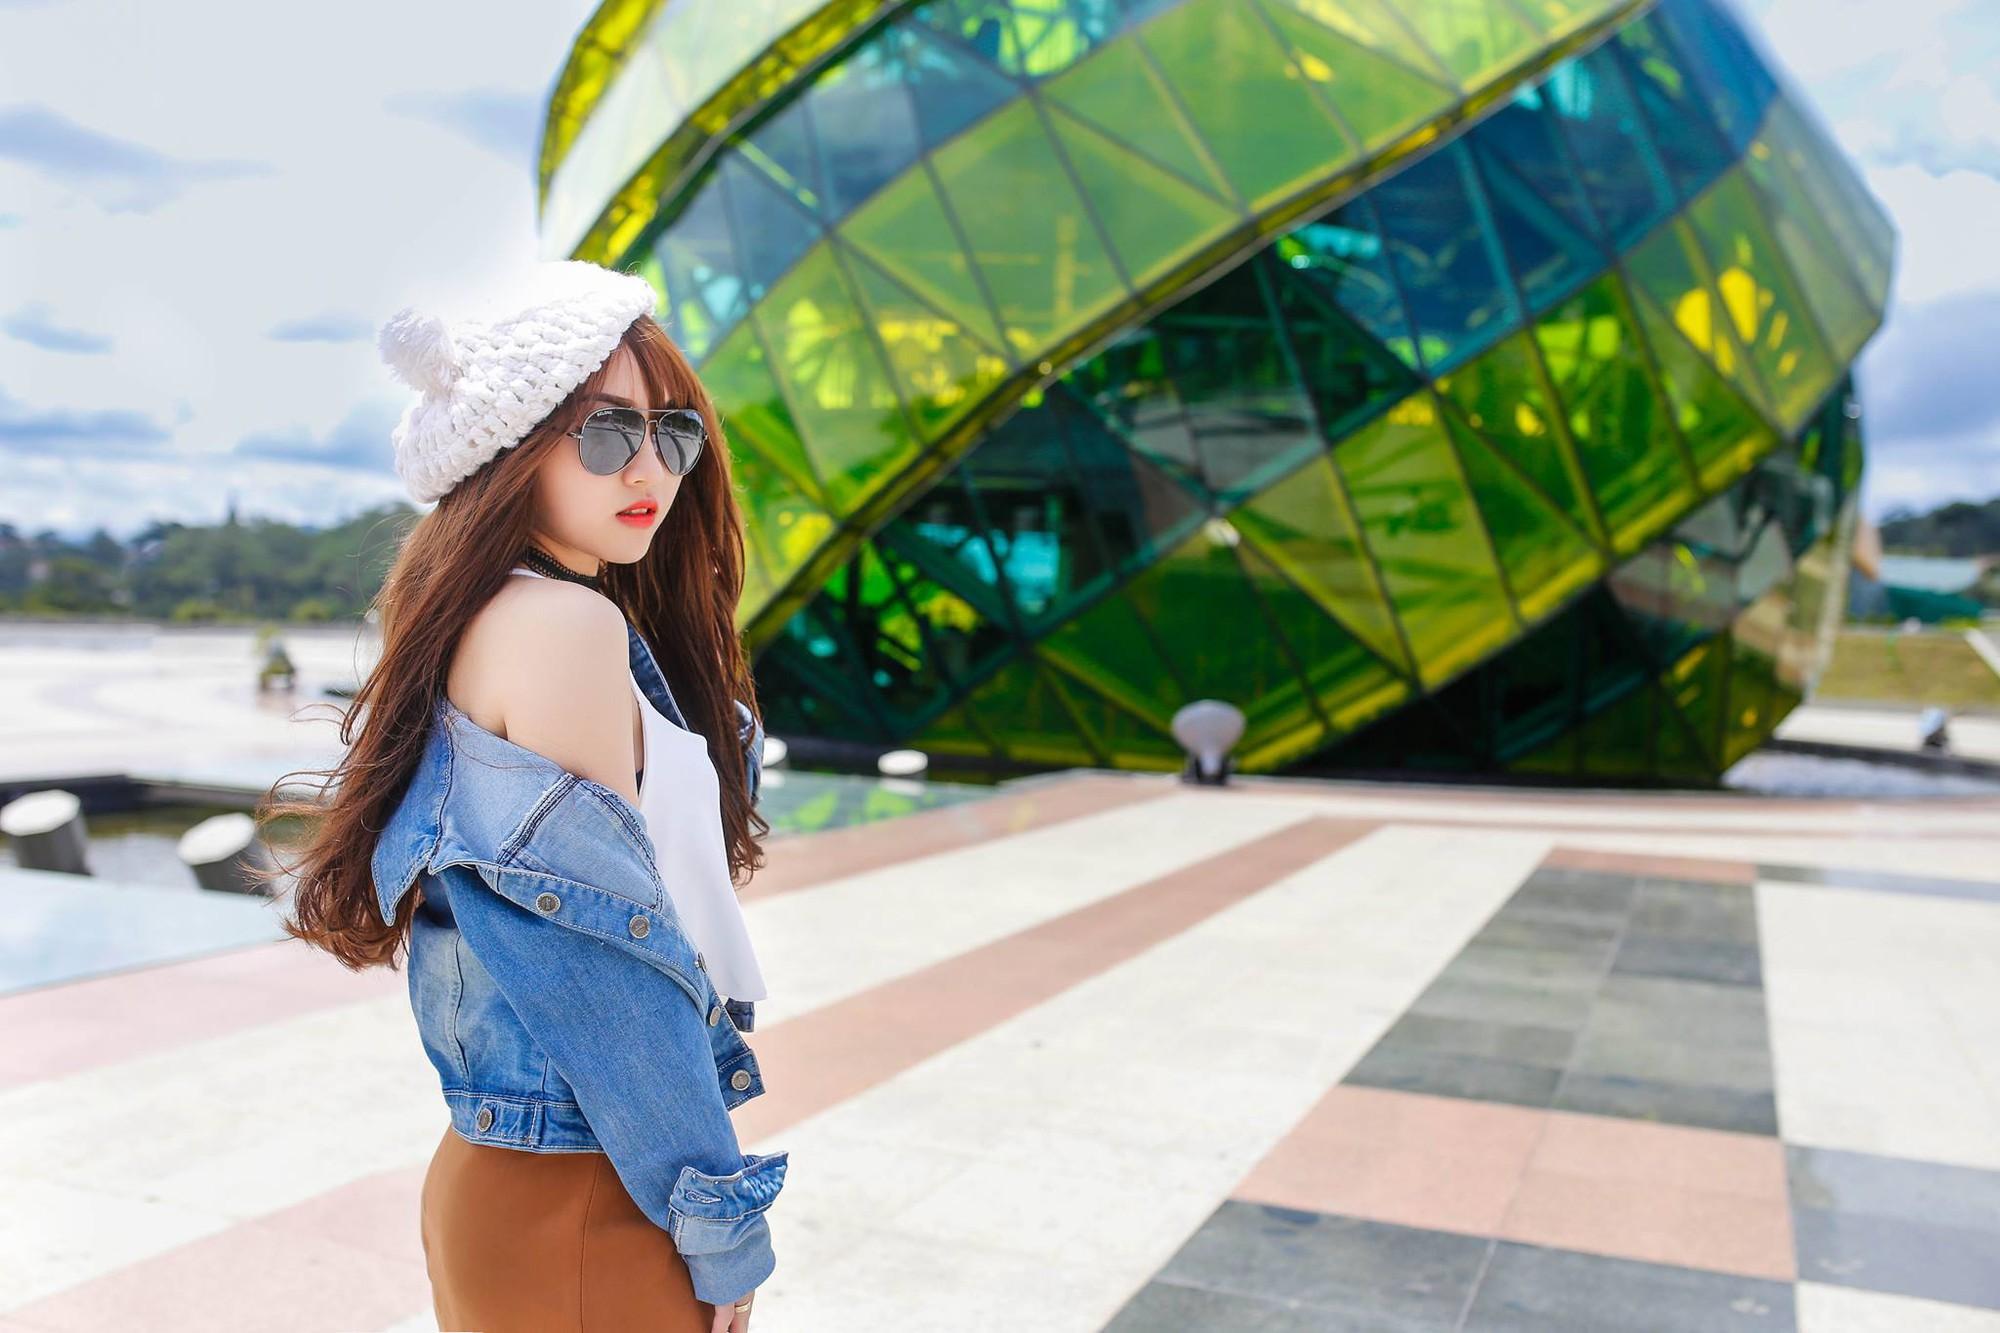 Trong các streamer nữ Việt Nam, ai là người sở hữu thân hình và phong cách gợi cảm nhất? - Ảnh 15.